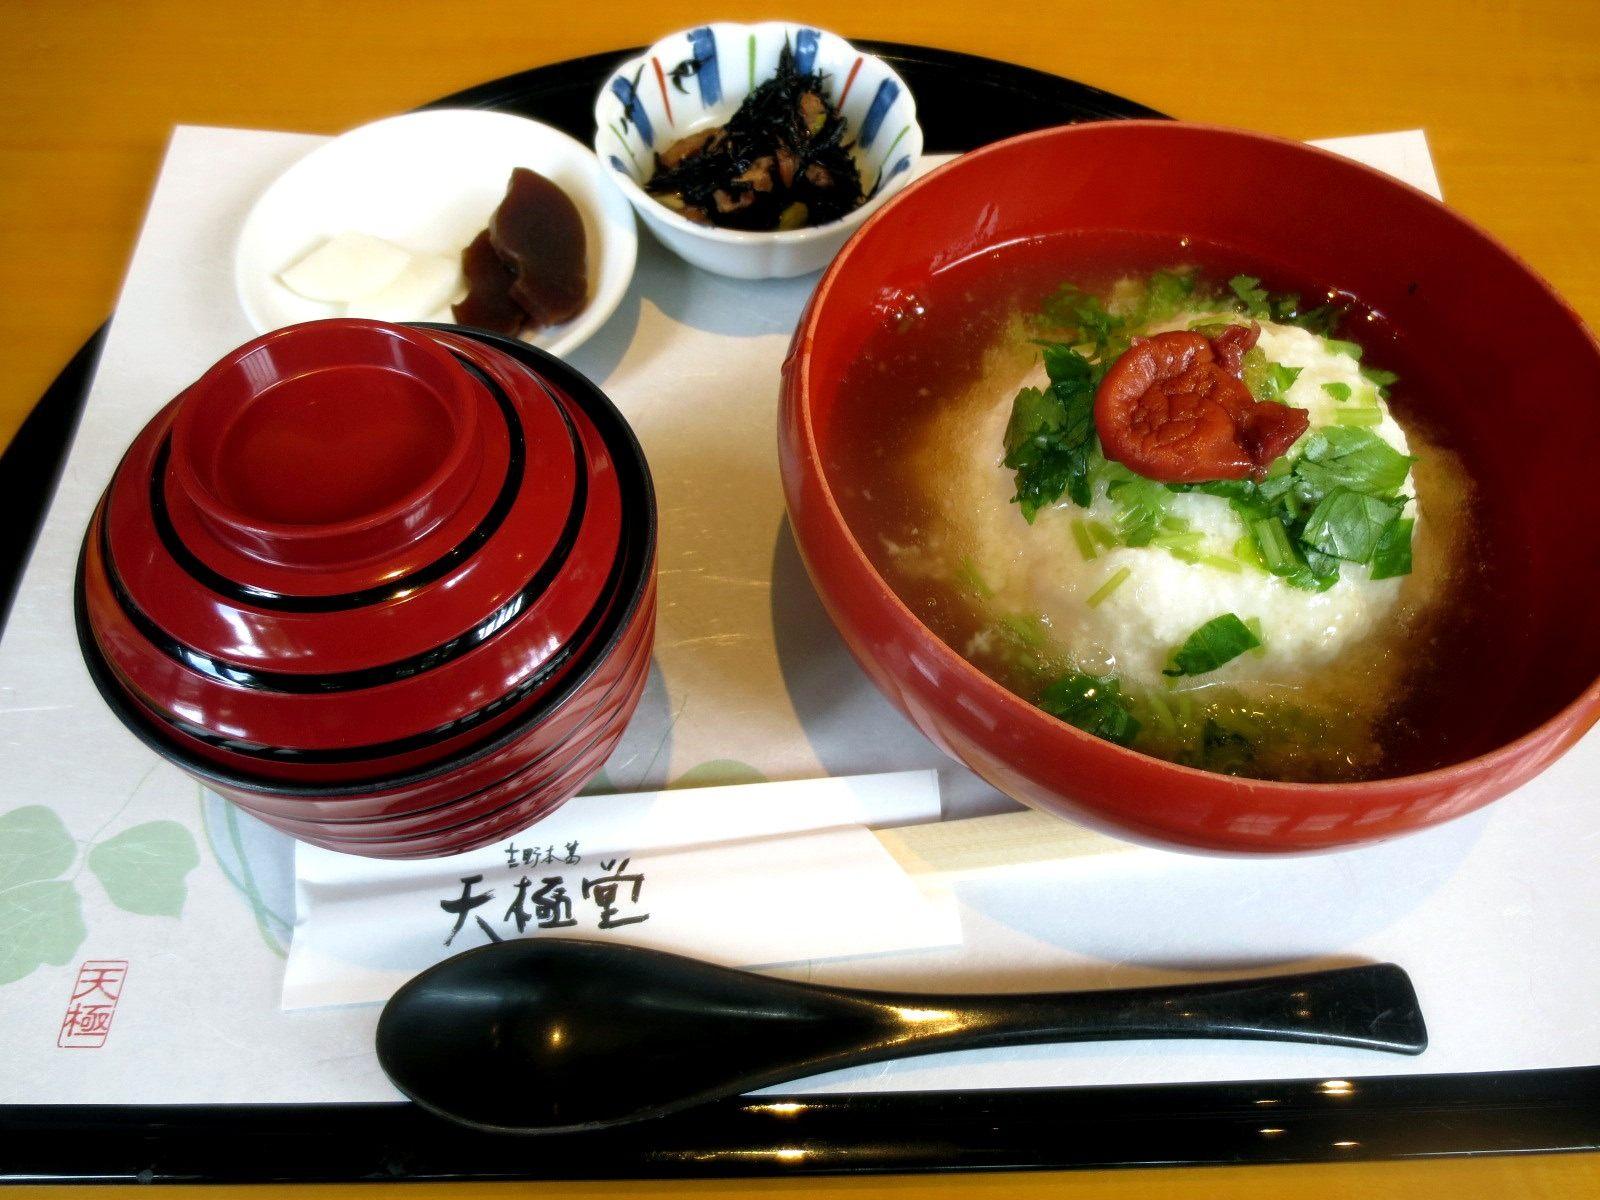 Nara Yama-no-Sachi Rice Bowl